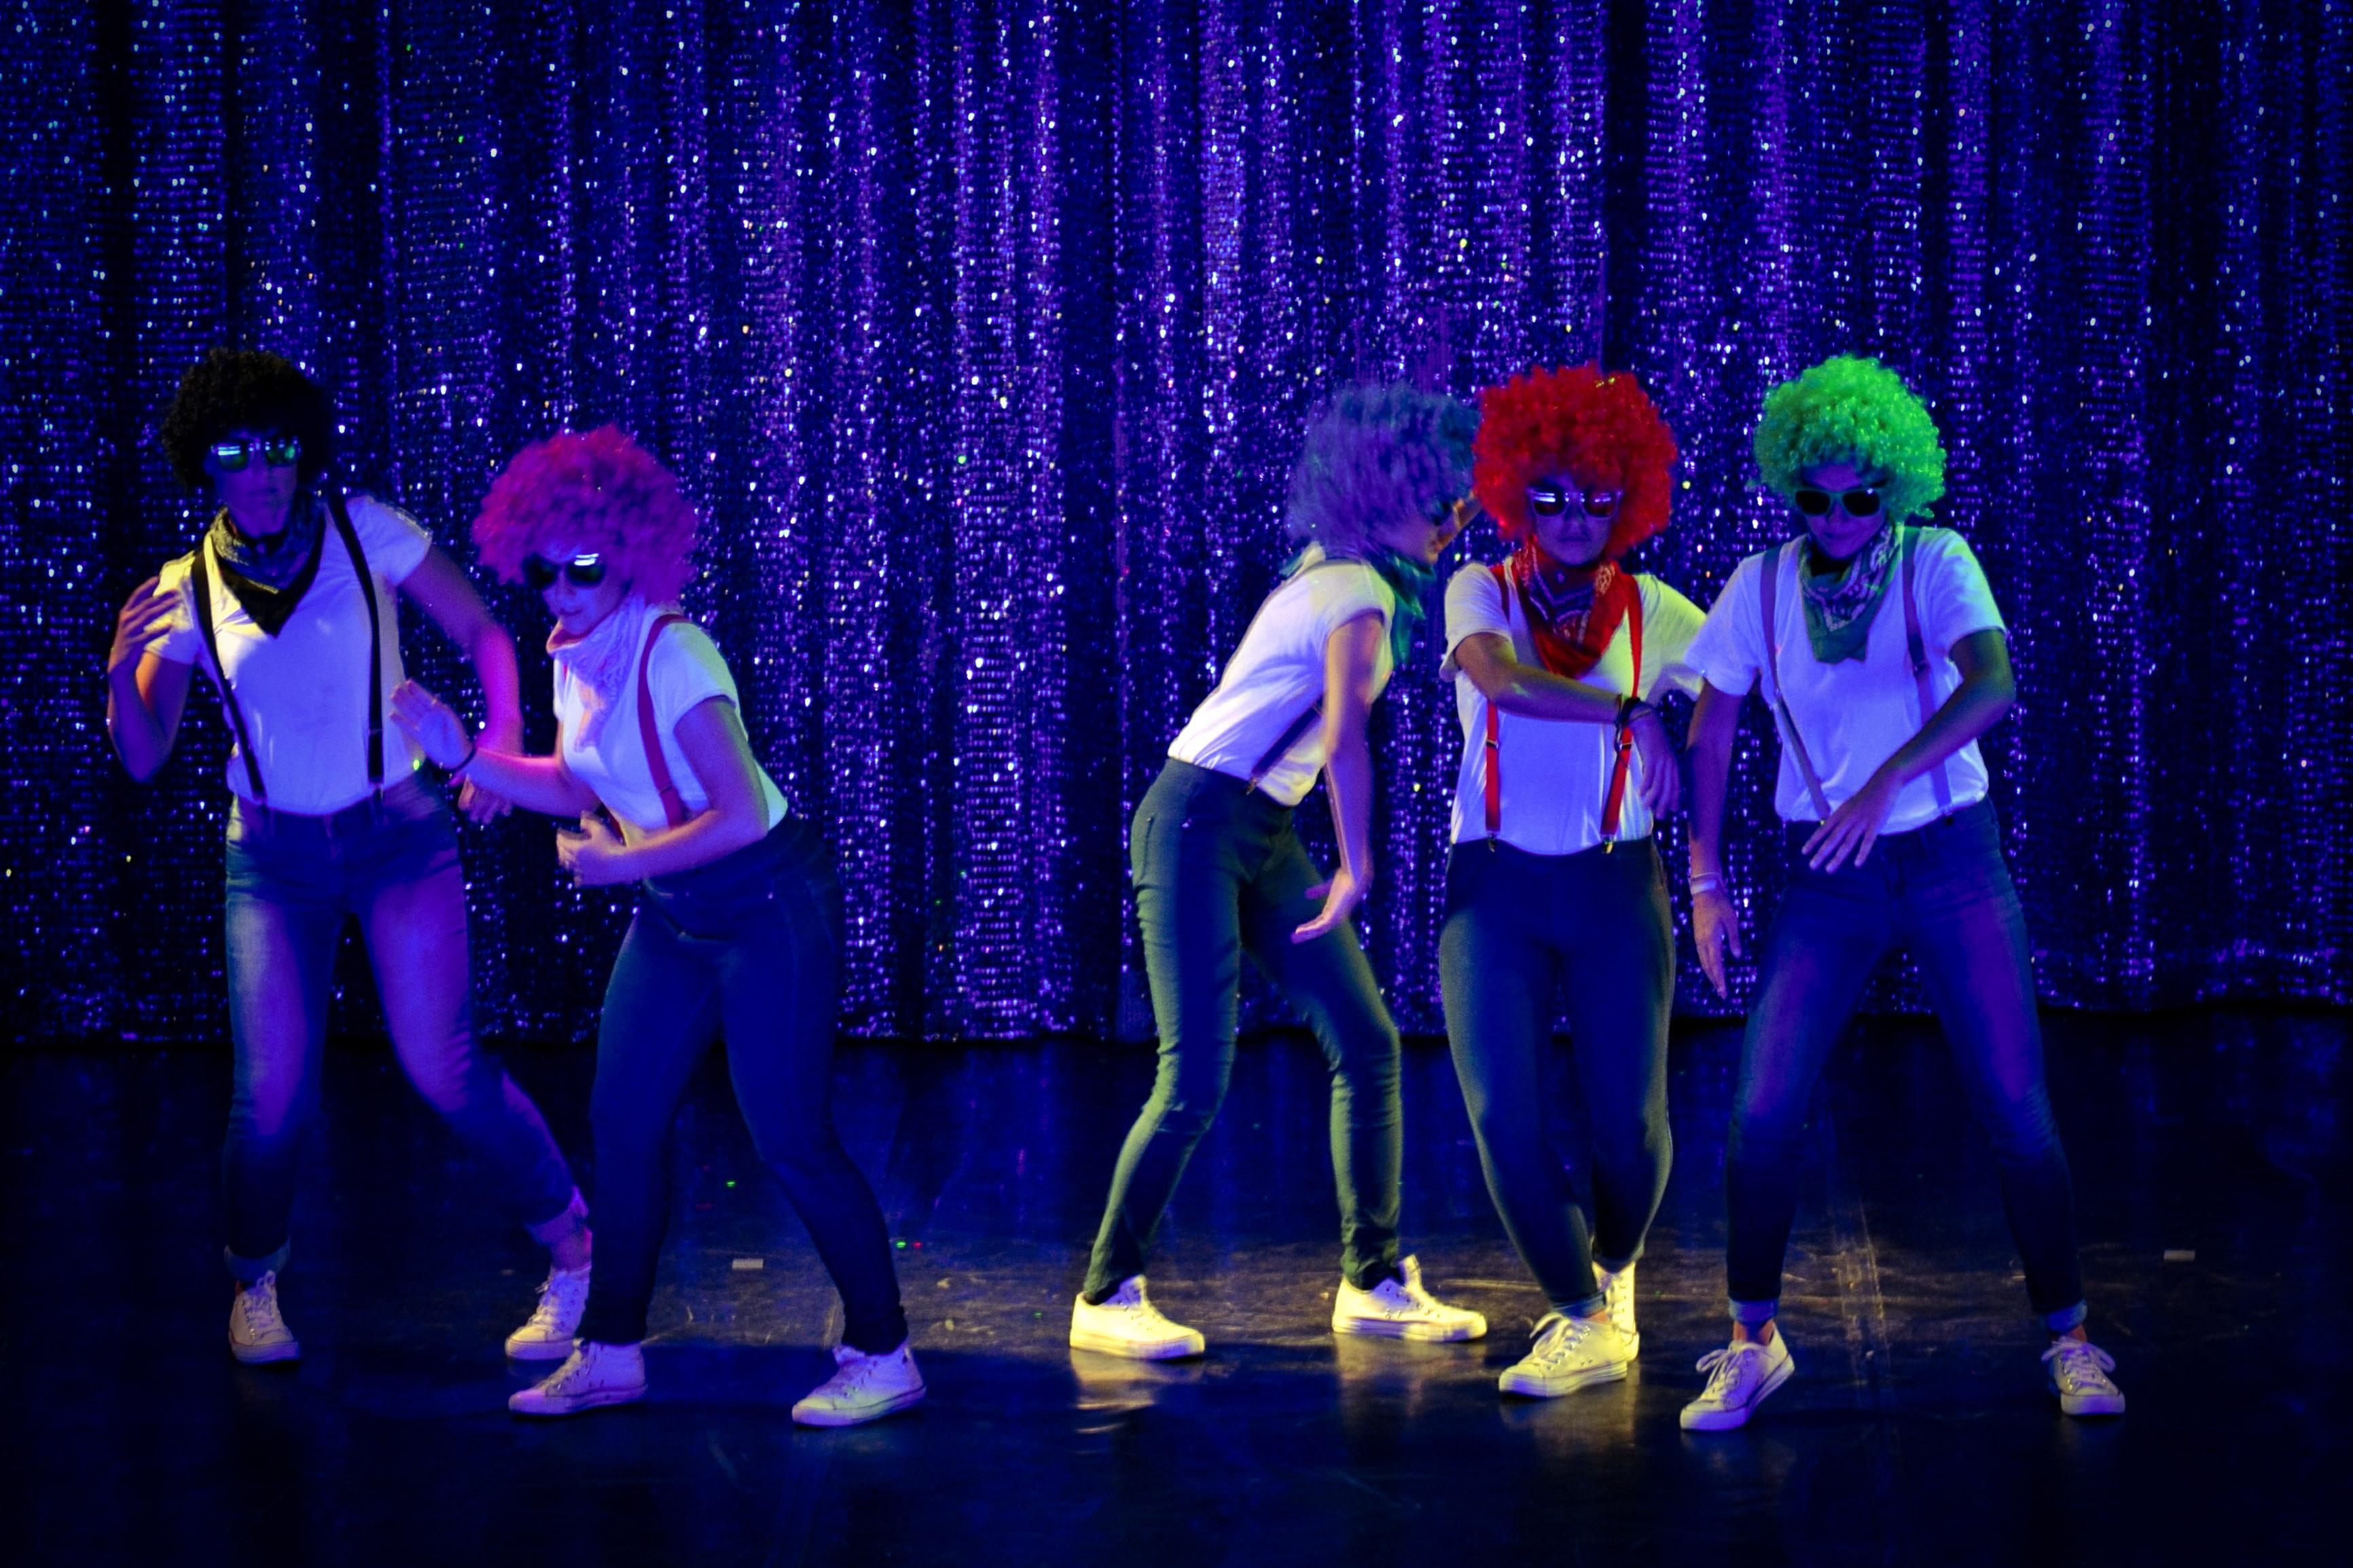 Linea-de-Baile-festival-verano-2015-clases-de-baile-valencia-154